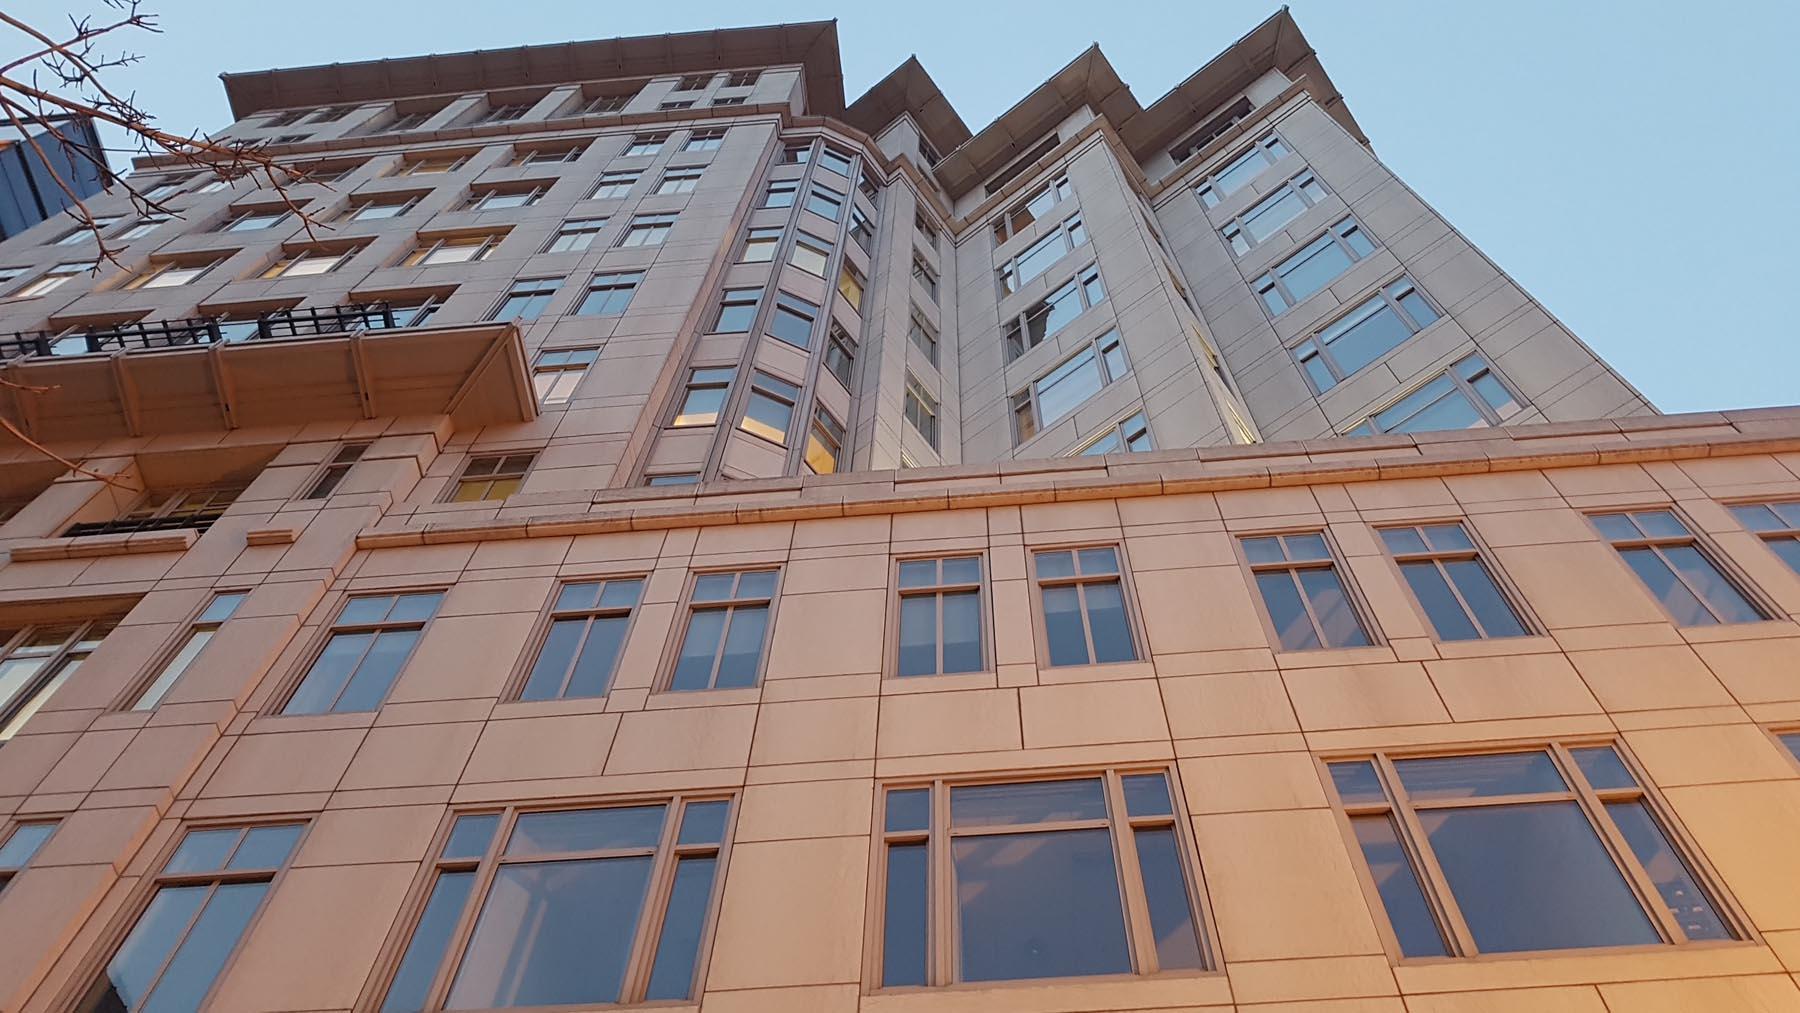 Marmo Grolla usato per facciata del 800 Connecticut Avenue